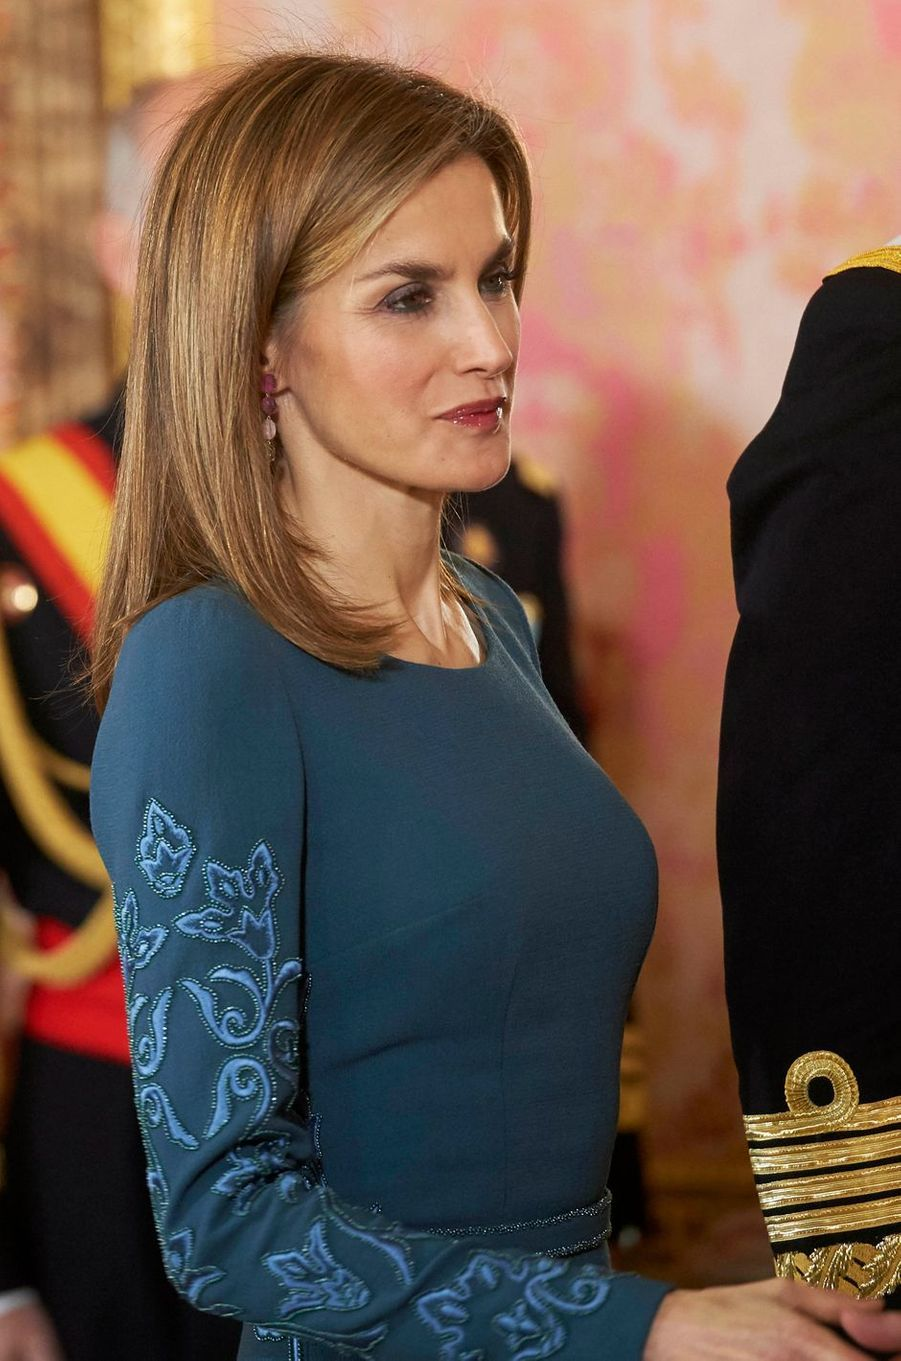 Détail de la robe de la reine Letizia d'Espagne à la Pascua Militar, le 6 janvier 2015